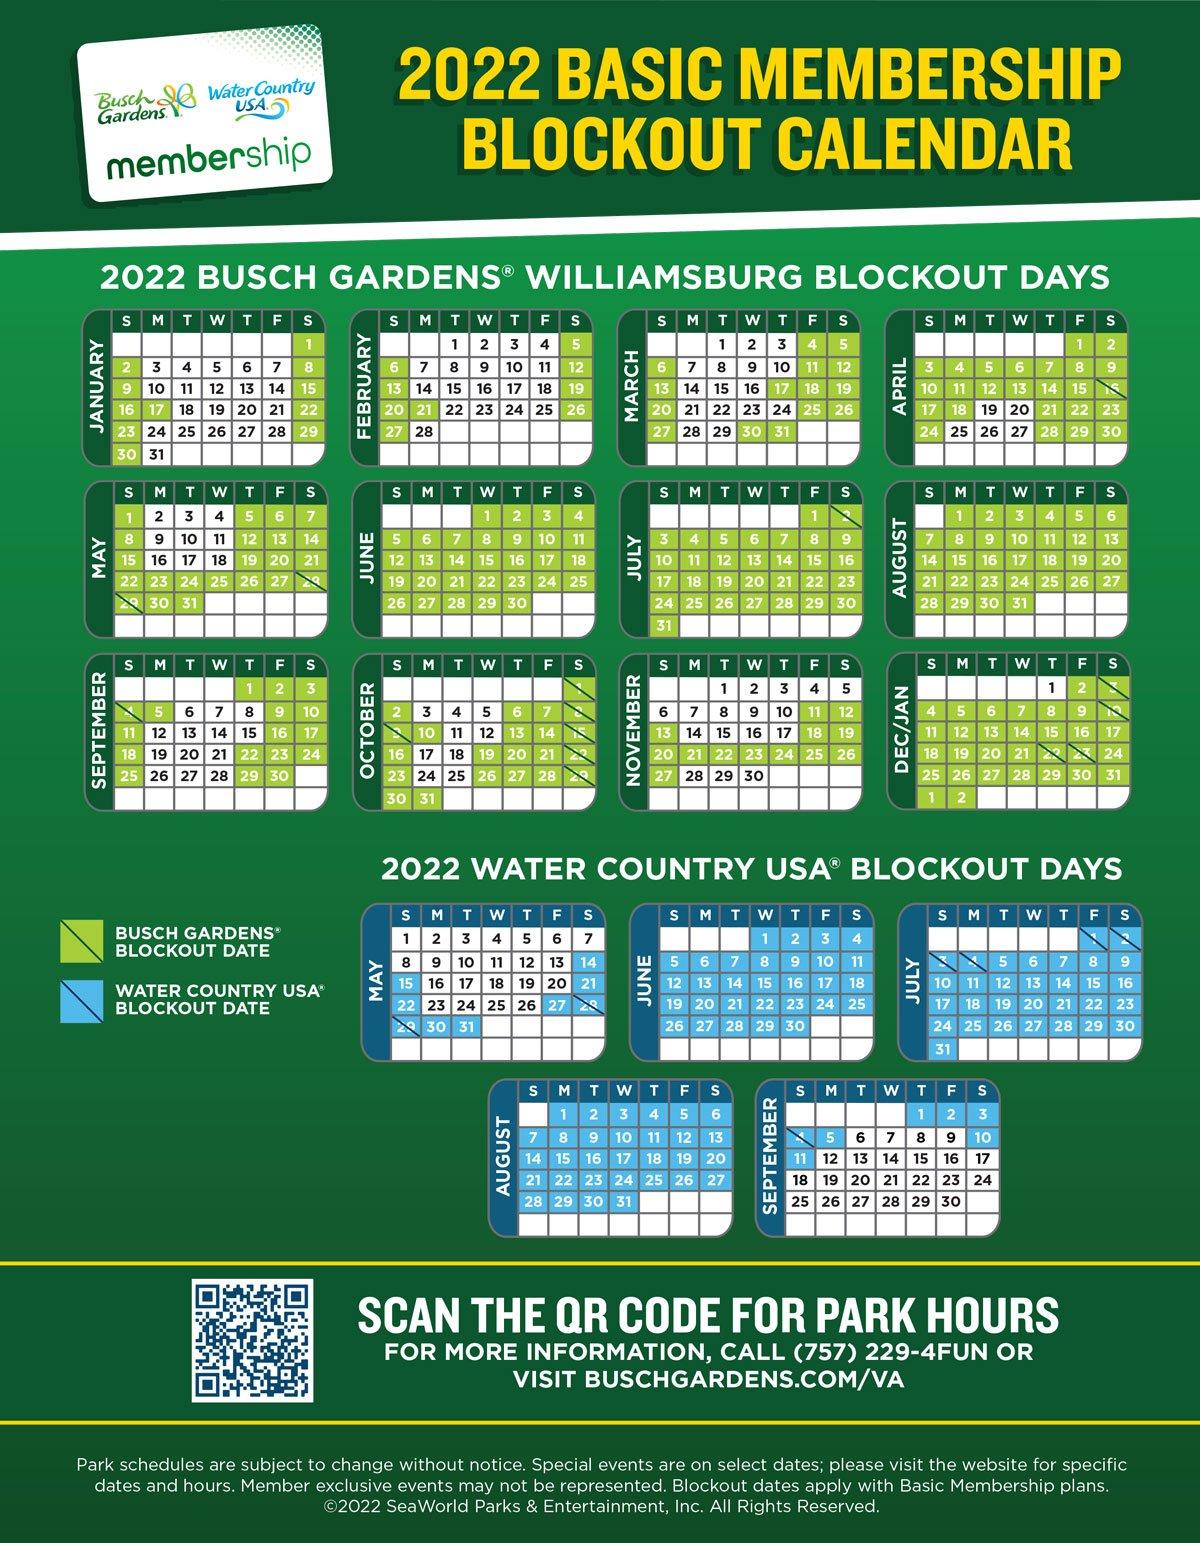 2022 Basic Membership Blockout Dates